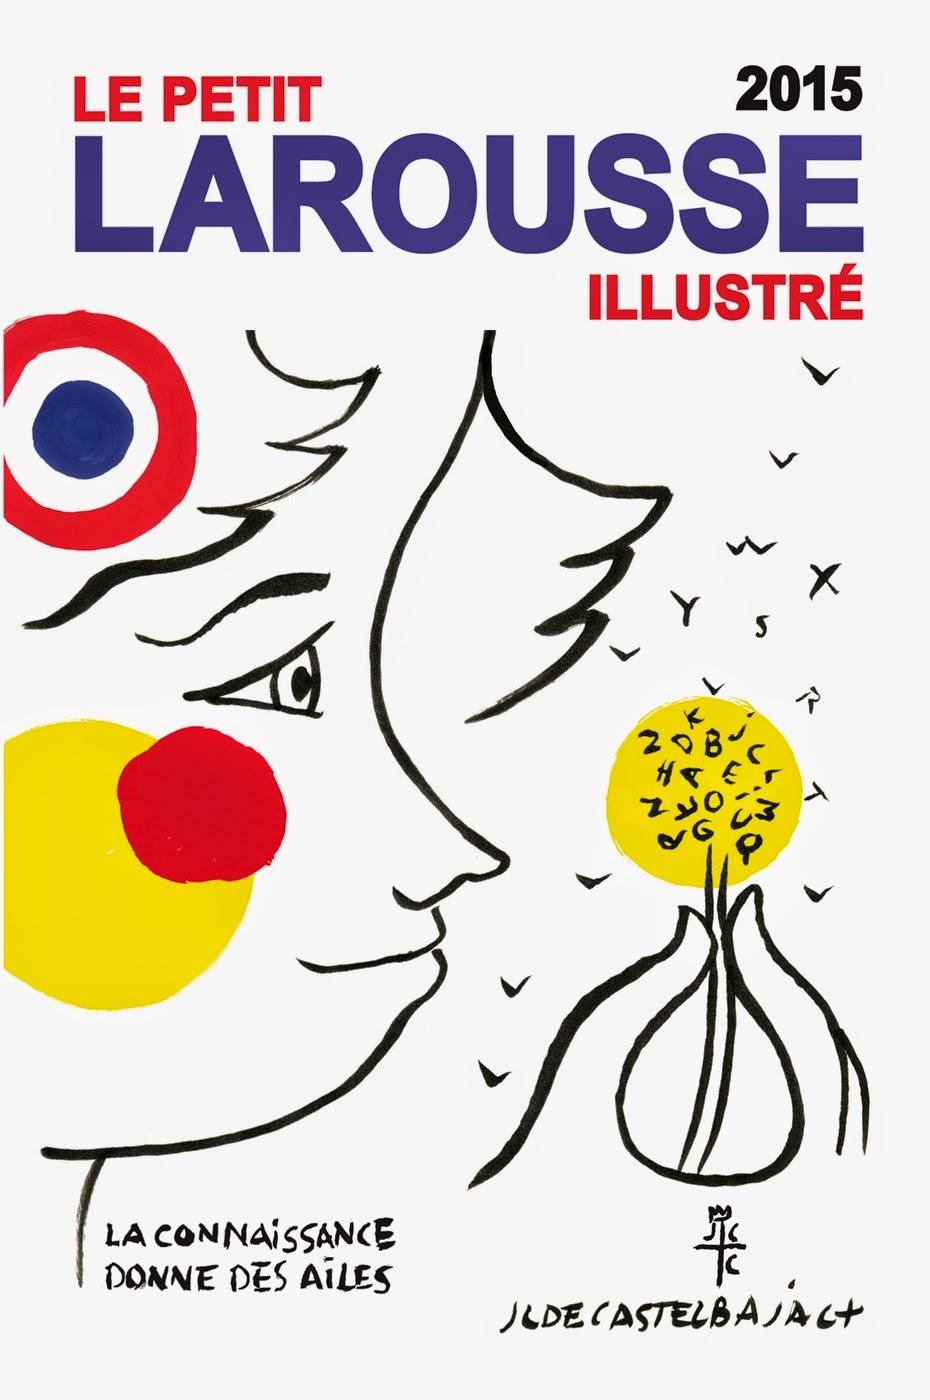 Le petit Larousse illustré 2015